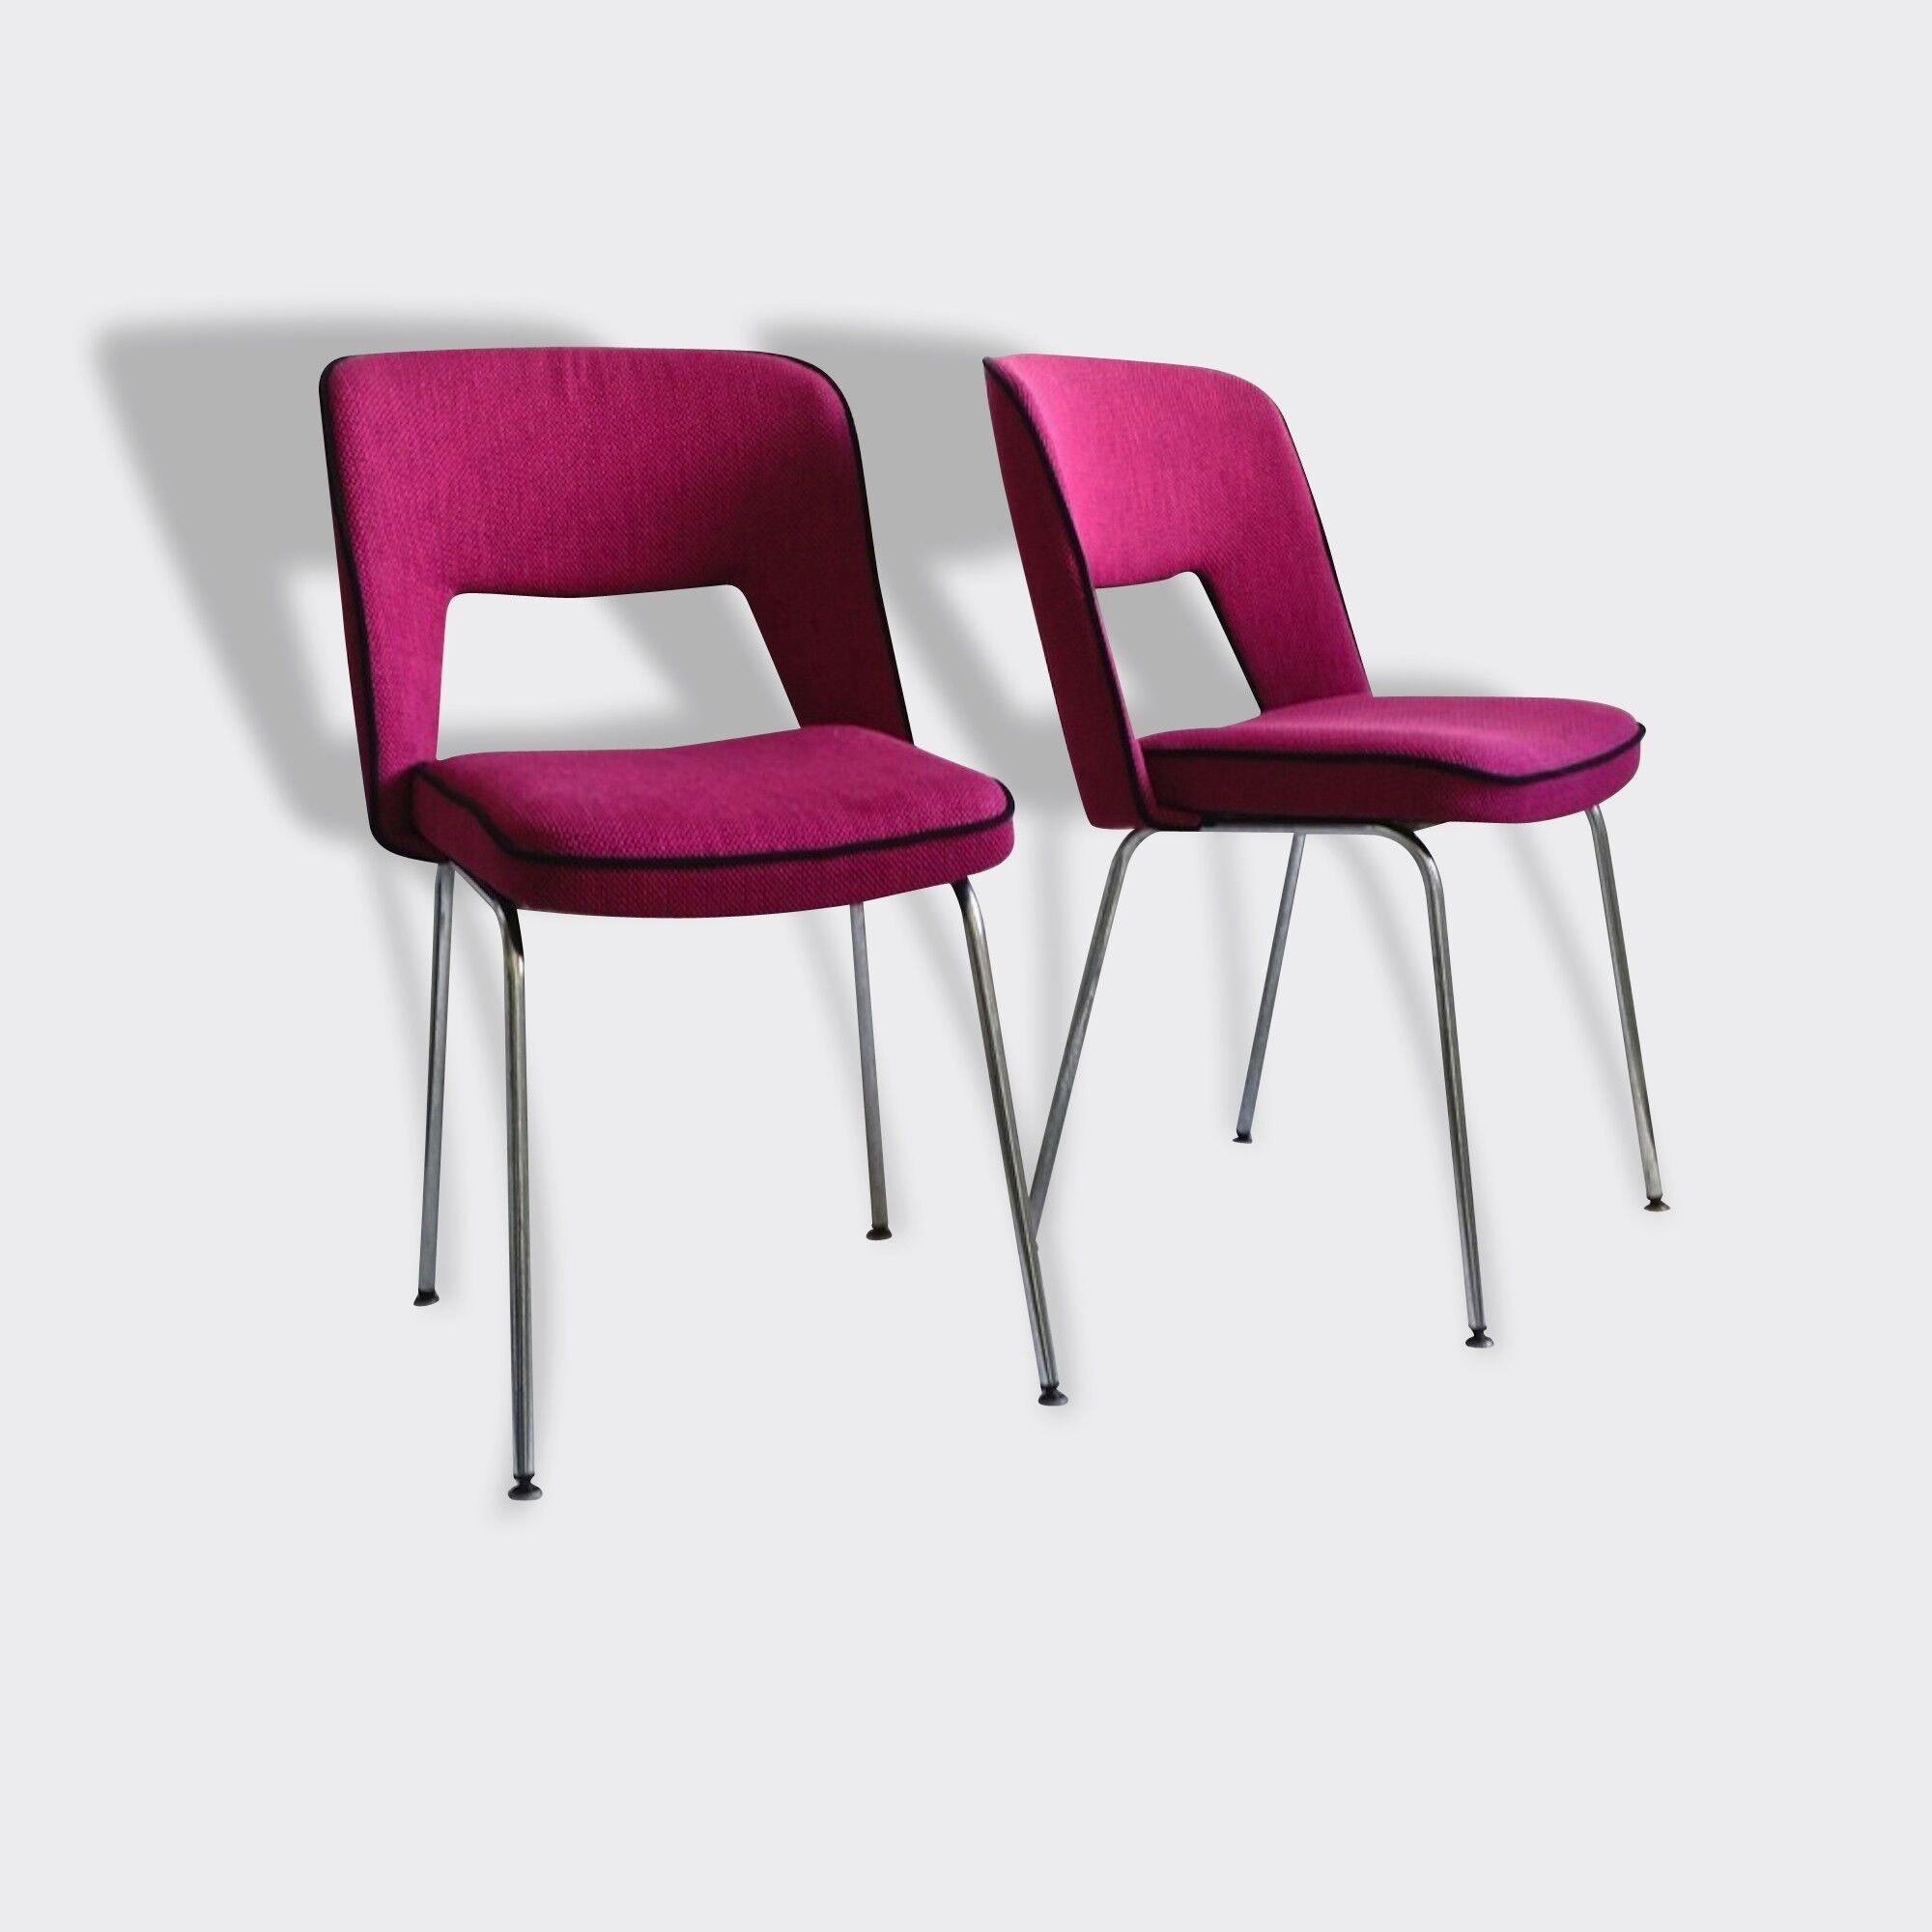 chaise de bureau originale elegant fauteuil de bureau vintage ico parisi mim pivotant et. Black Bedroom Furniture Sets. Home Design Ideas